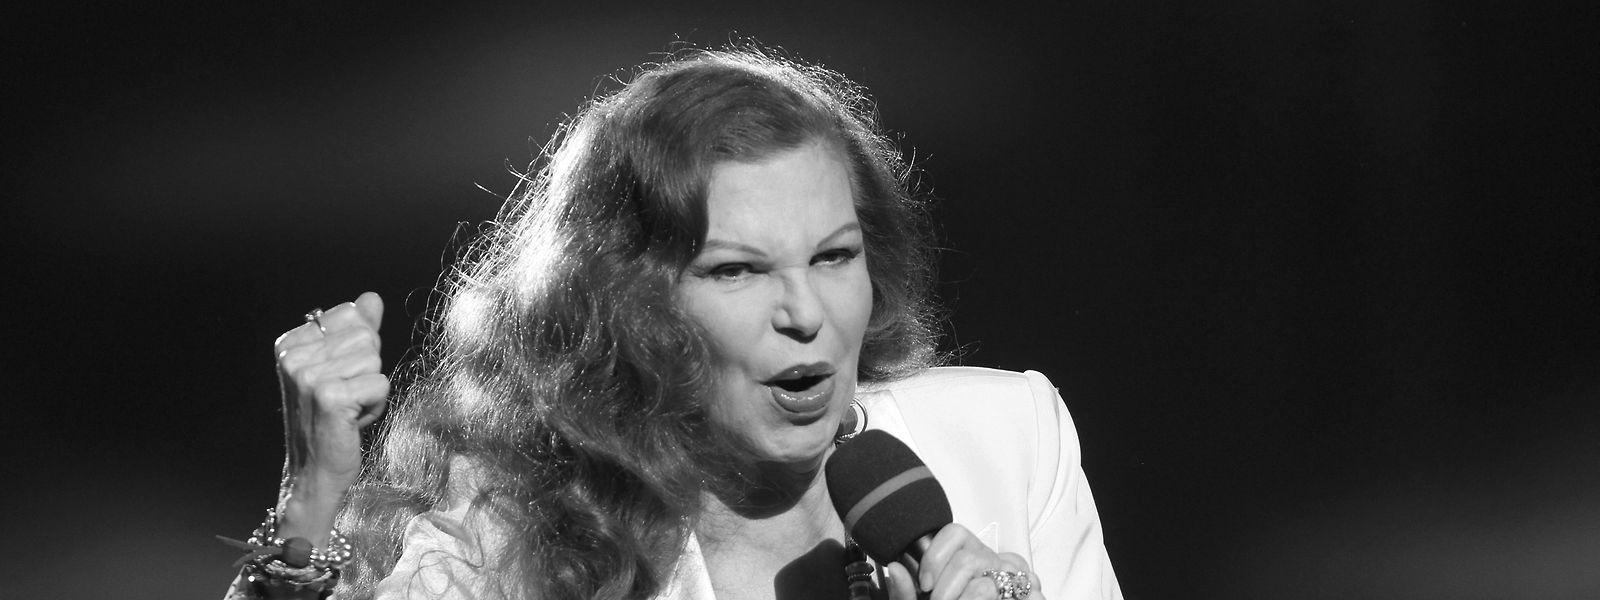 Die italienische Schlager- und Chansonsängerin Milva ist tot. Das bestätigte ihre Tochter der italienischen Nachrichtenagentur Ansa am Samstag.